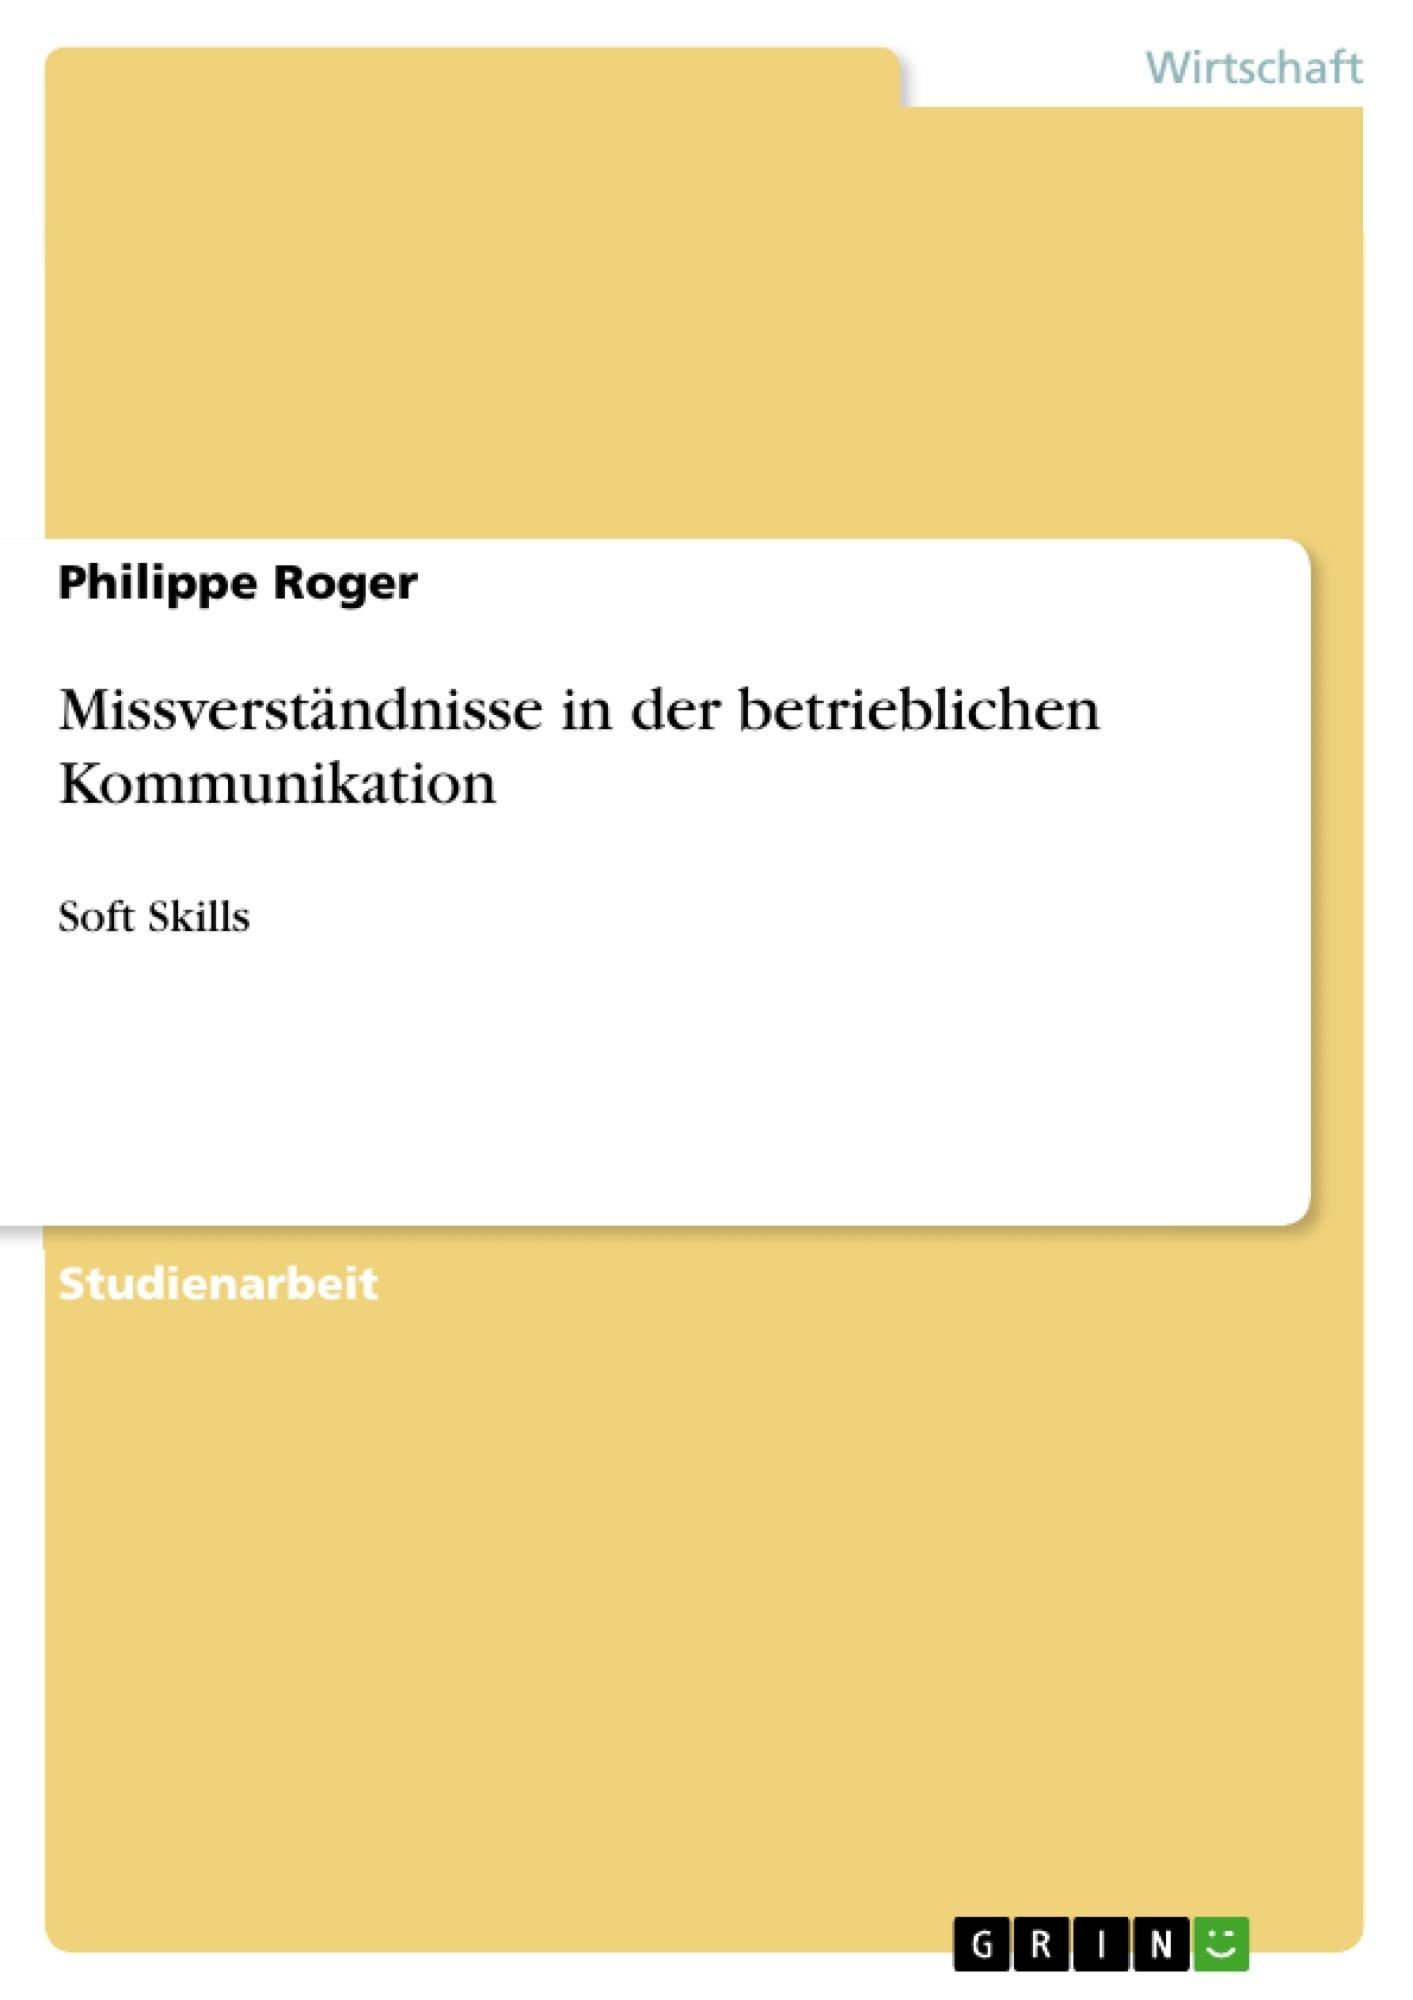 Titel: Missverständnisse in der betrieblichen Kommunikation